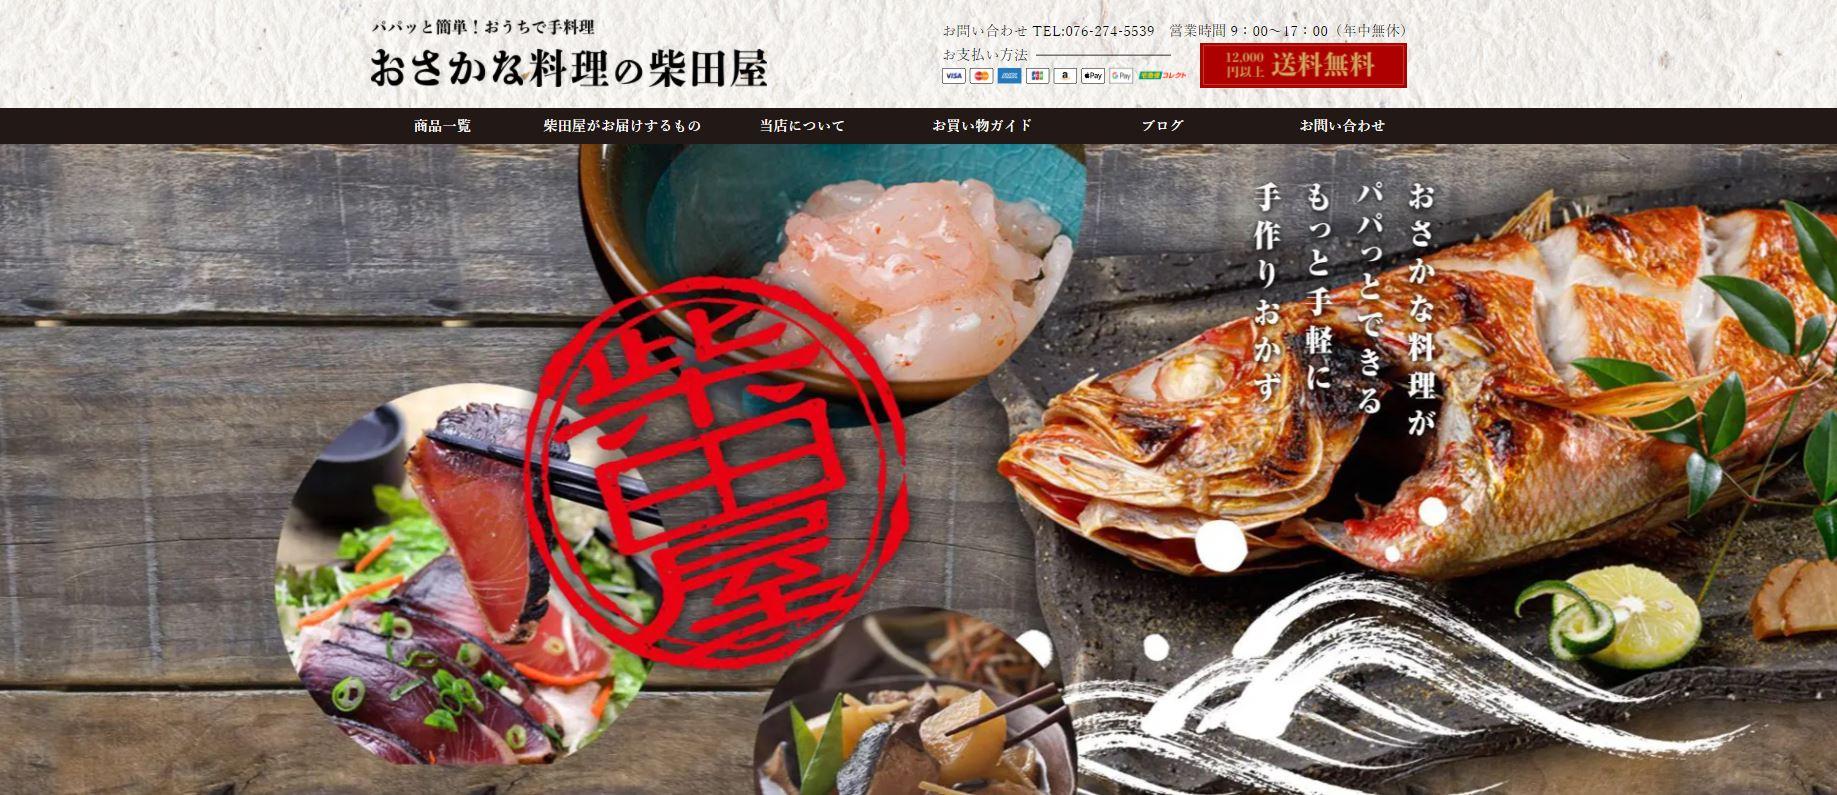 おさかな料理の柴田屋イメージ